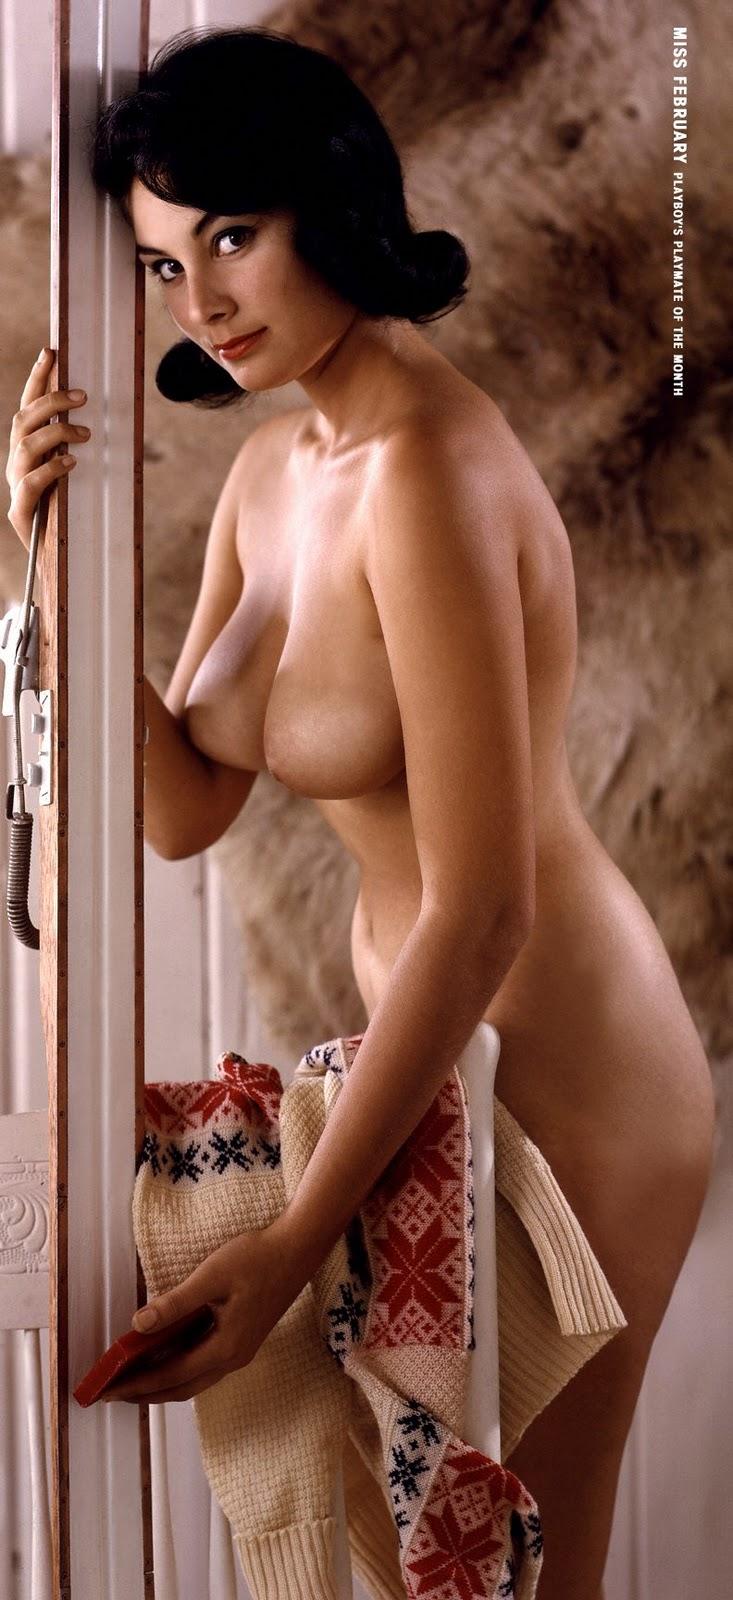 Nude pinay vagina